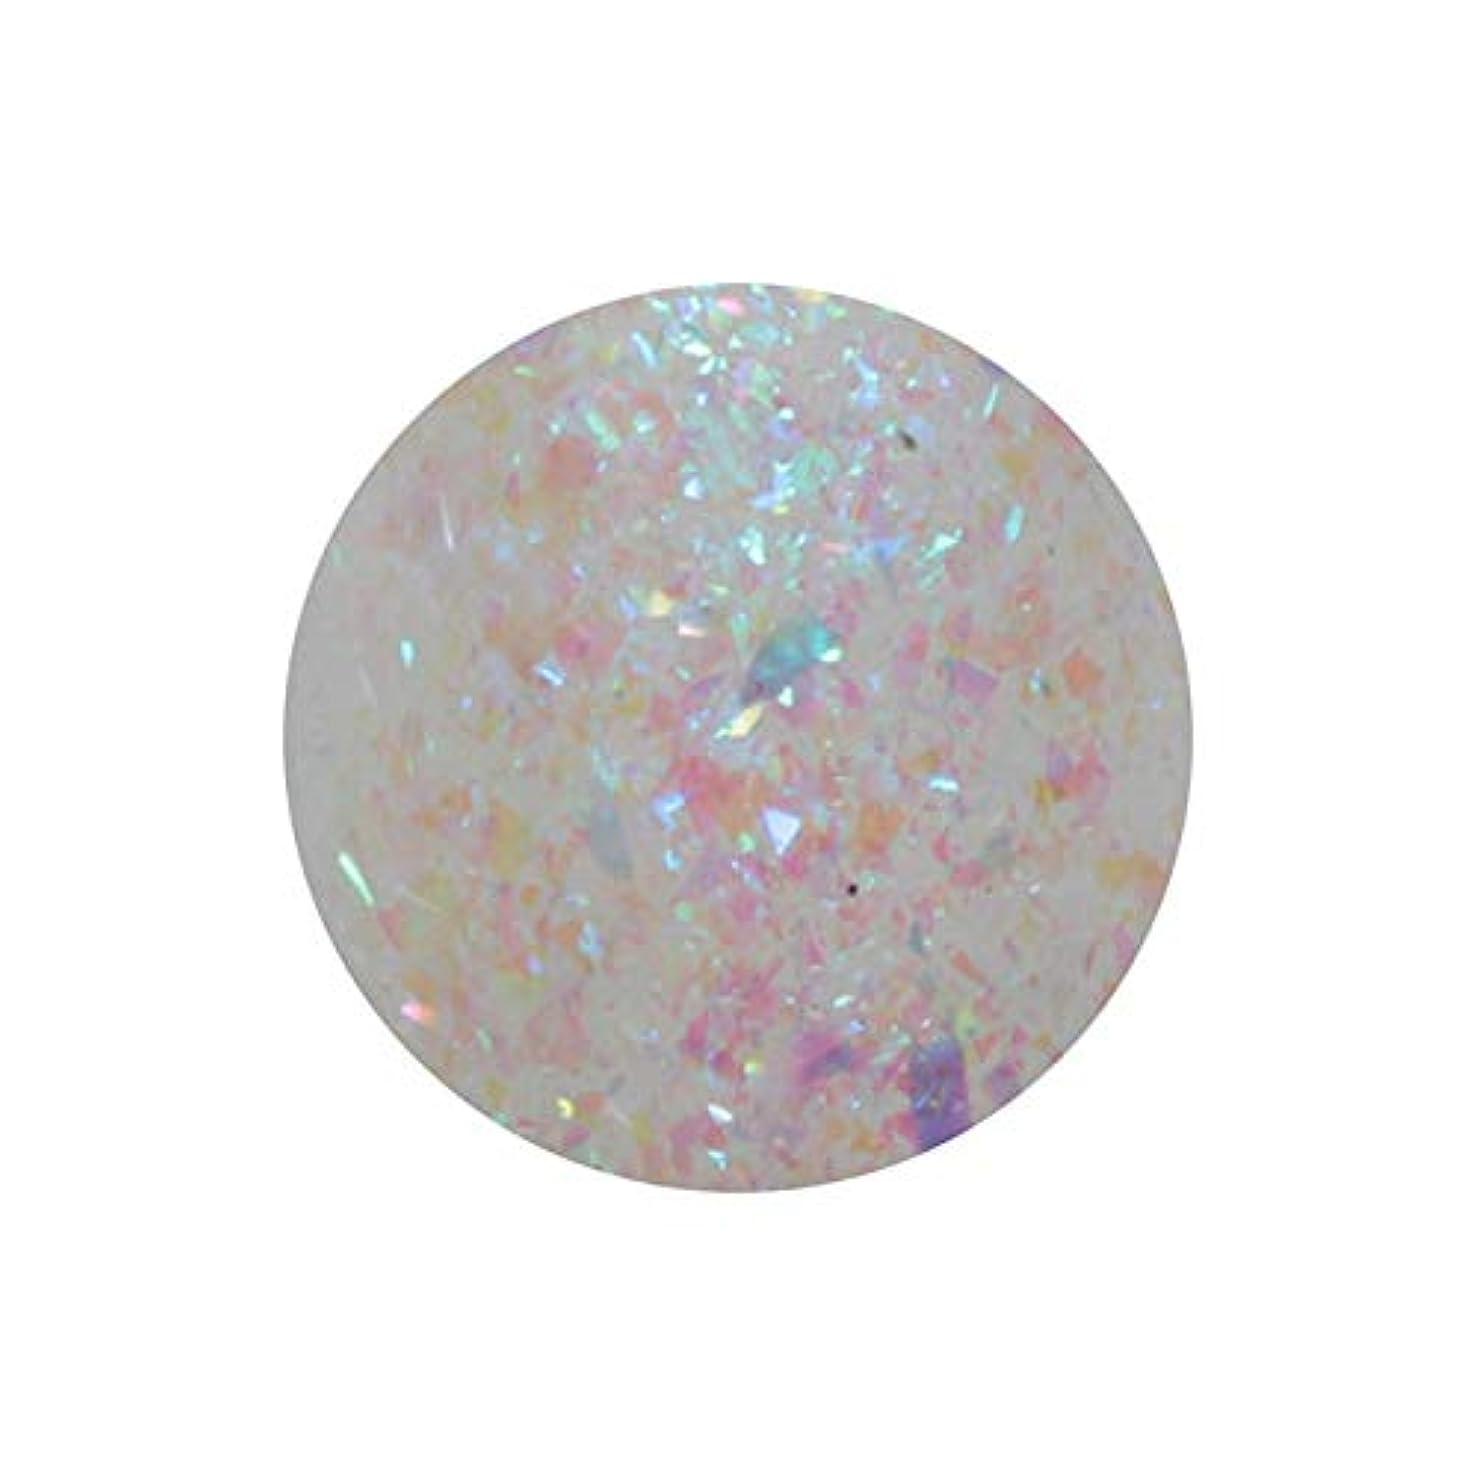 ニッケルスクラップ口実【NEW】T-GEL COLLECTION TINY T004 ホログラフィーブルーグリーン 8ml